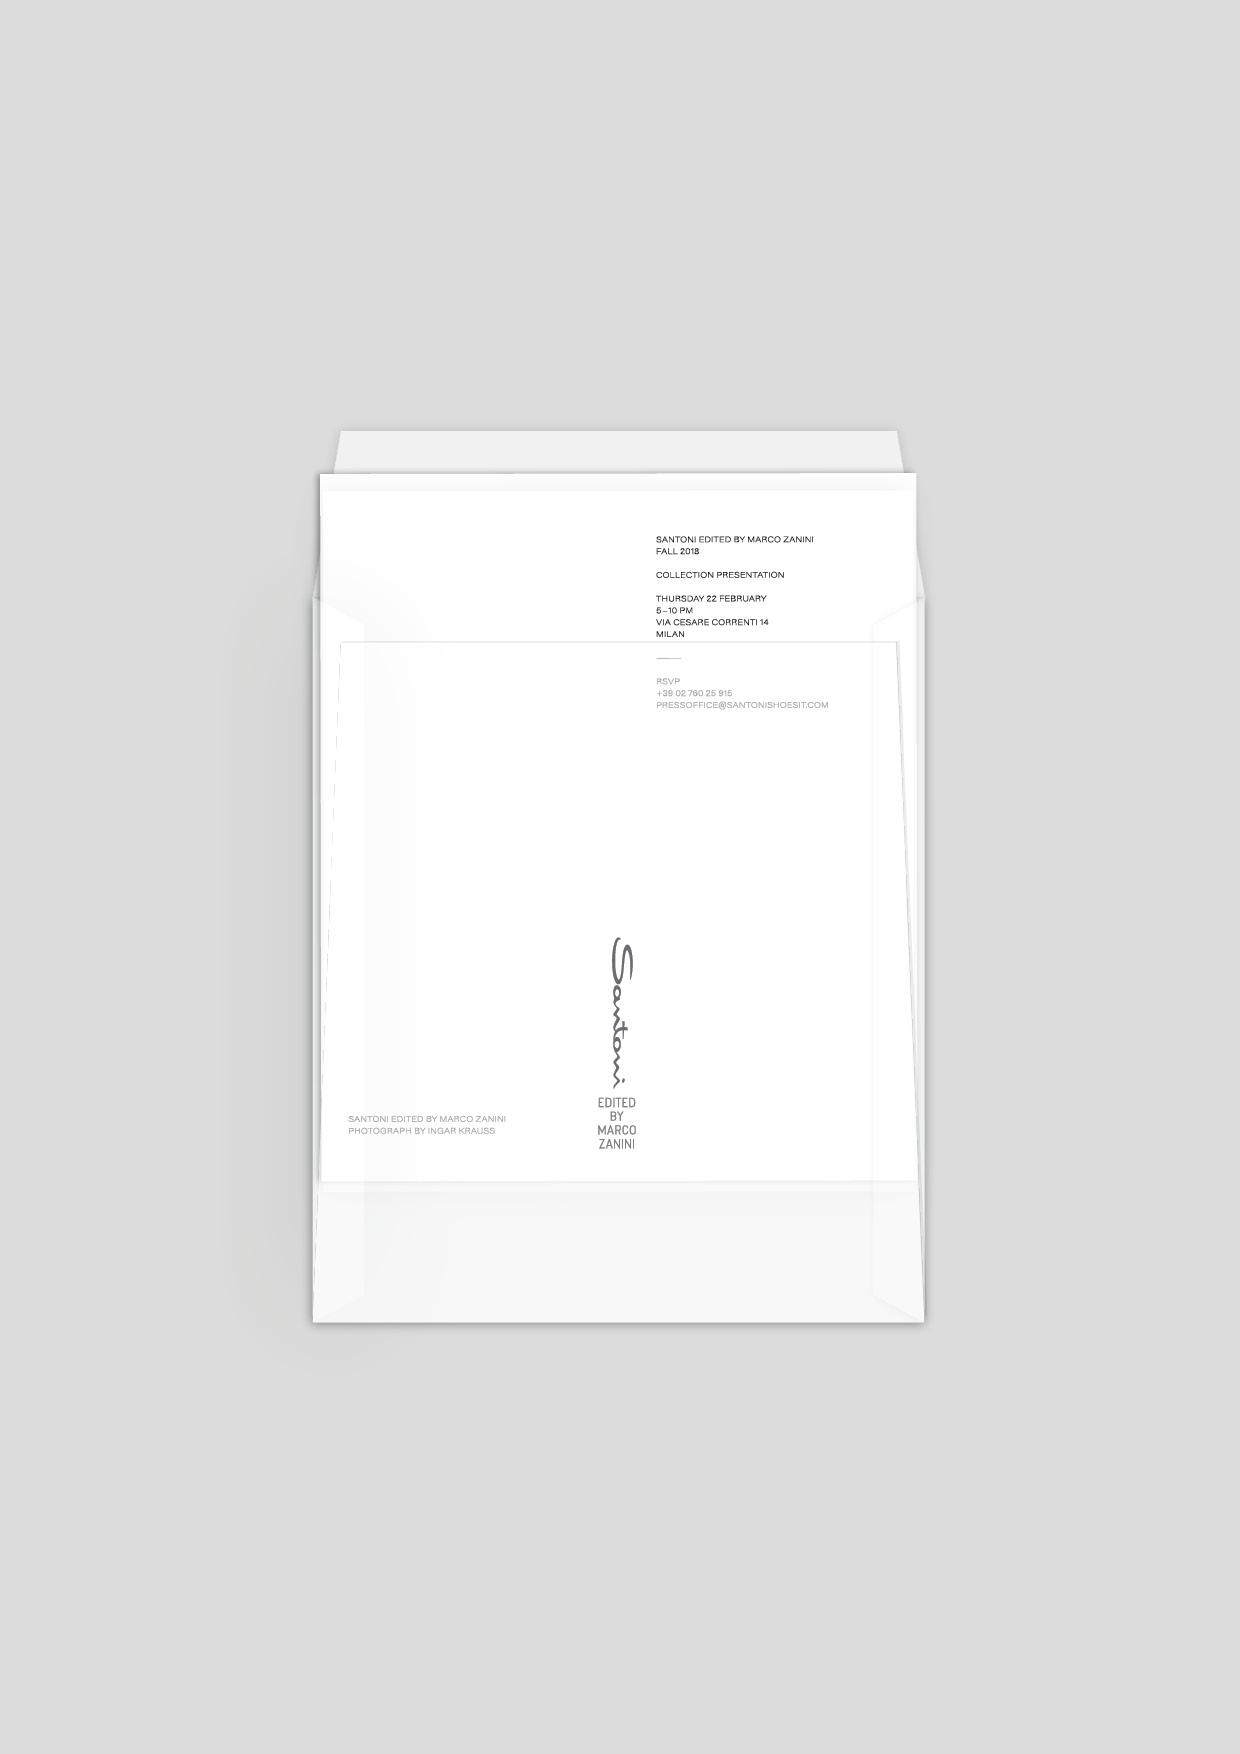 Nicoletta-Dalfino Santoni-Edited-by-invitebw